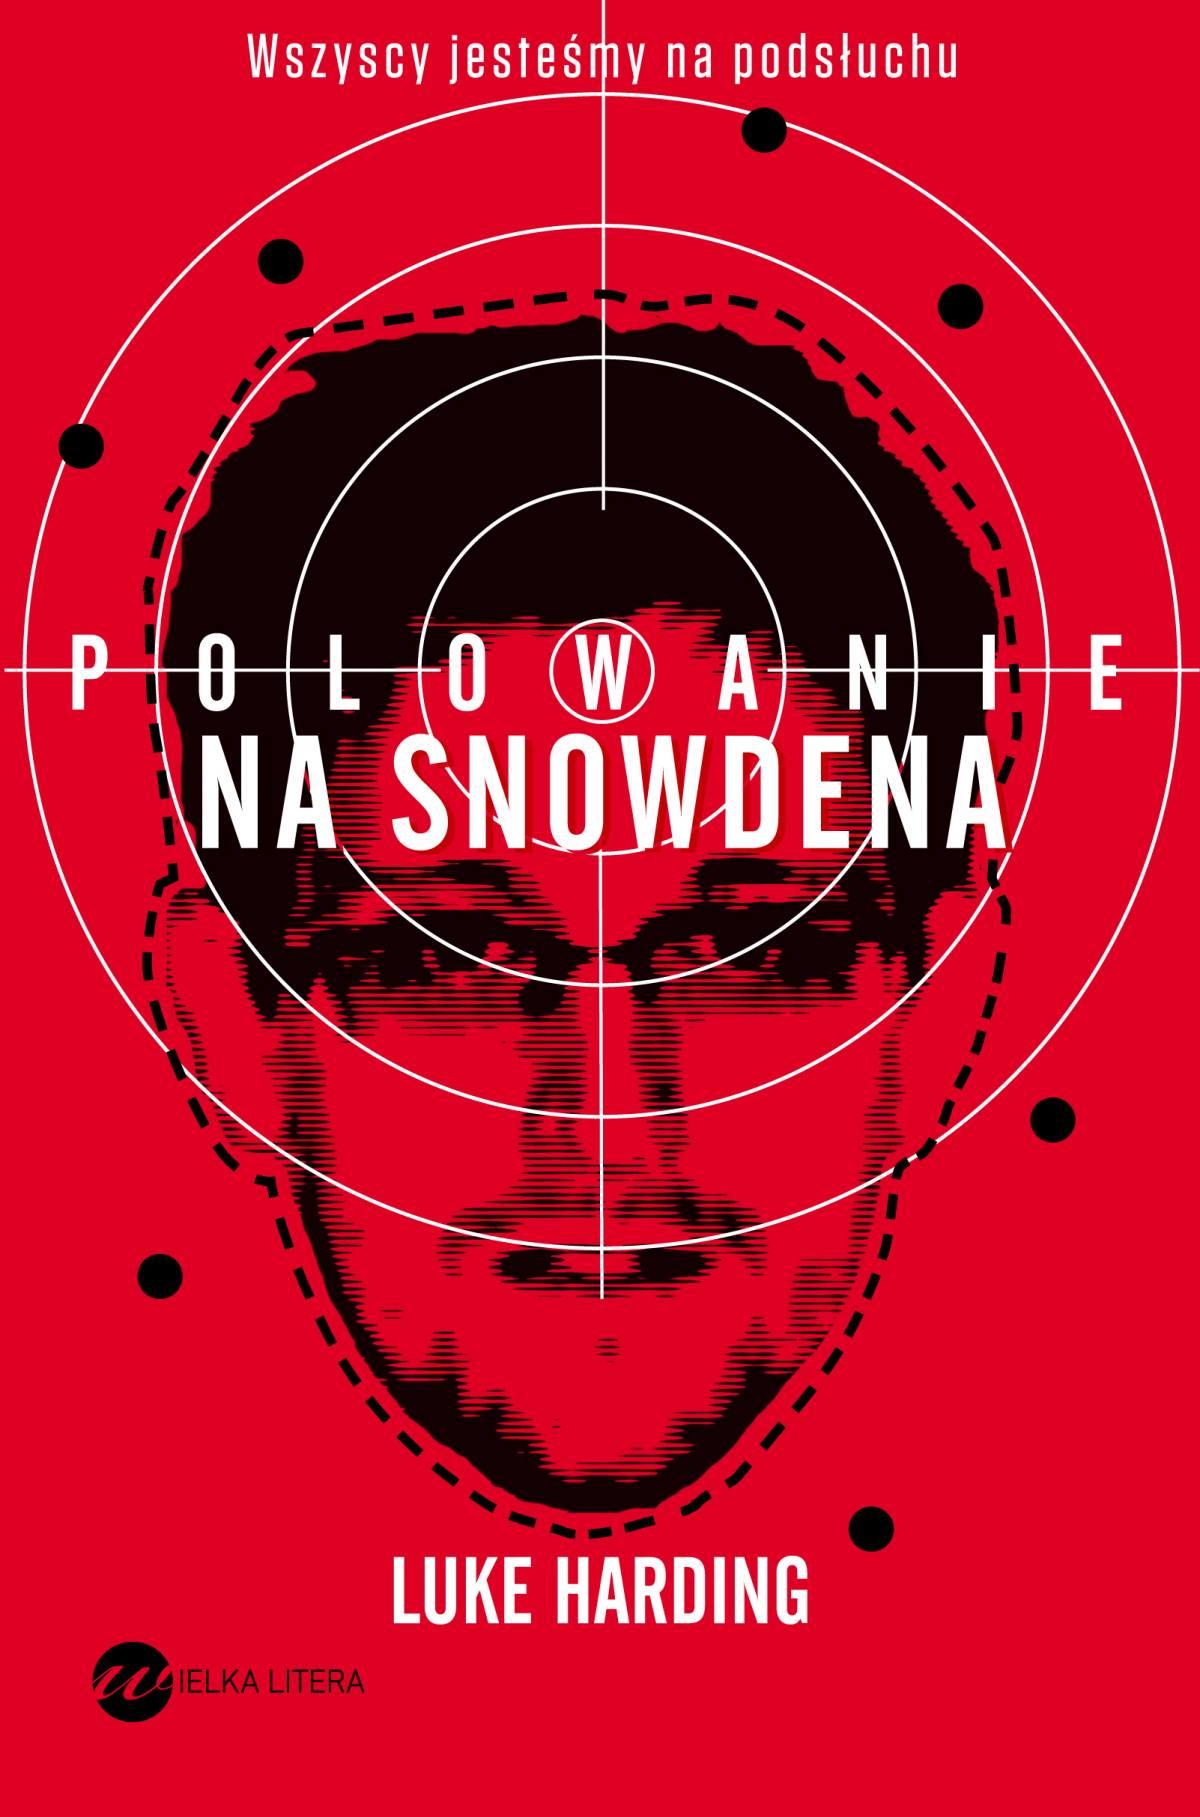 Polowanie na Snowdena - Ebook (Książka EPUB) do pobrania w formacie EPUB